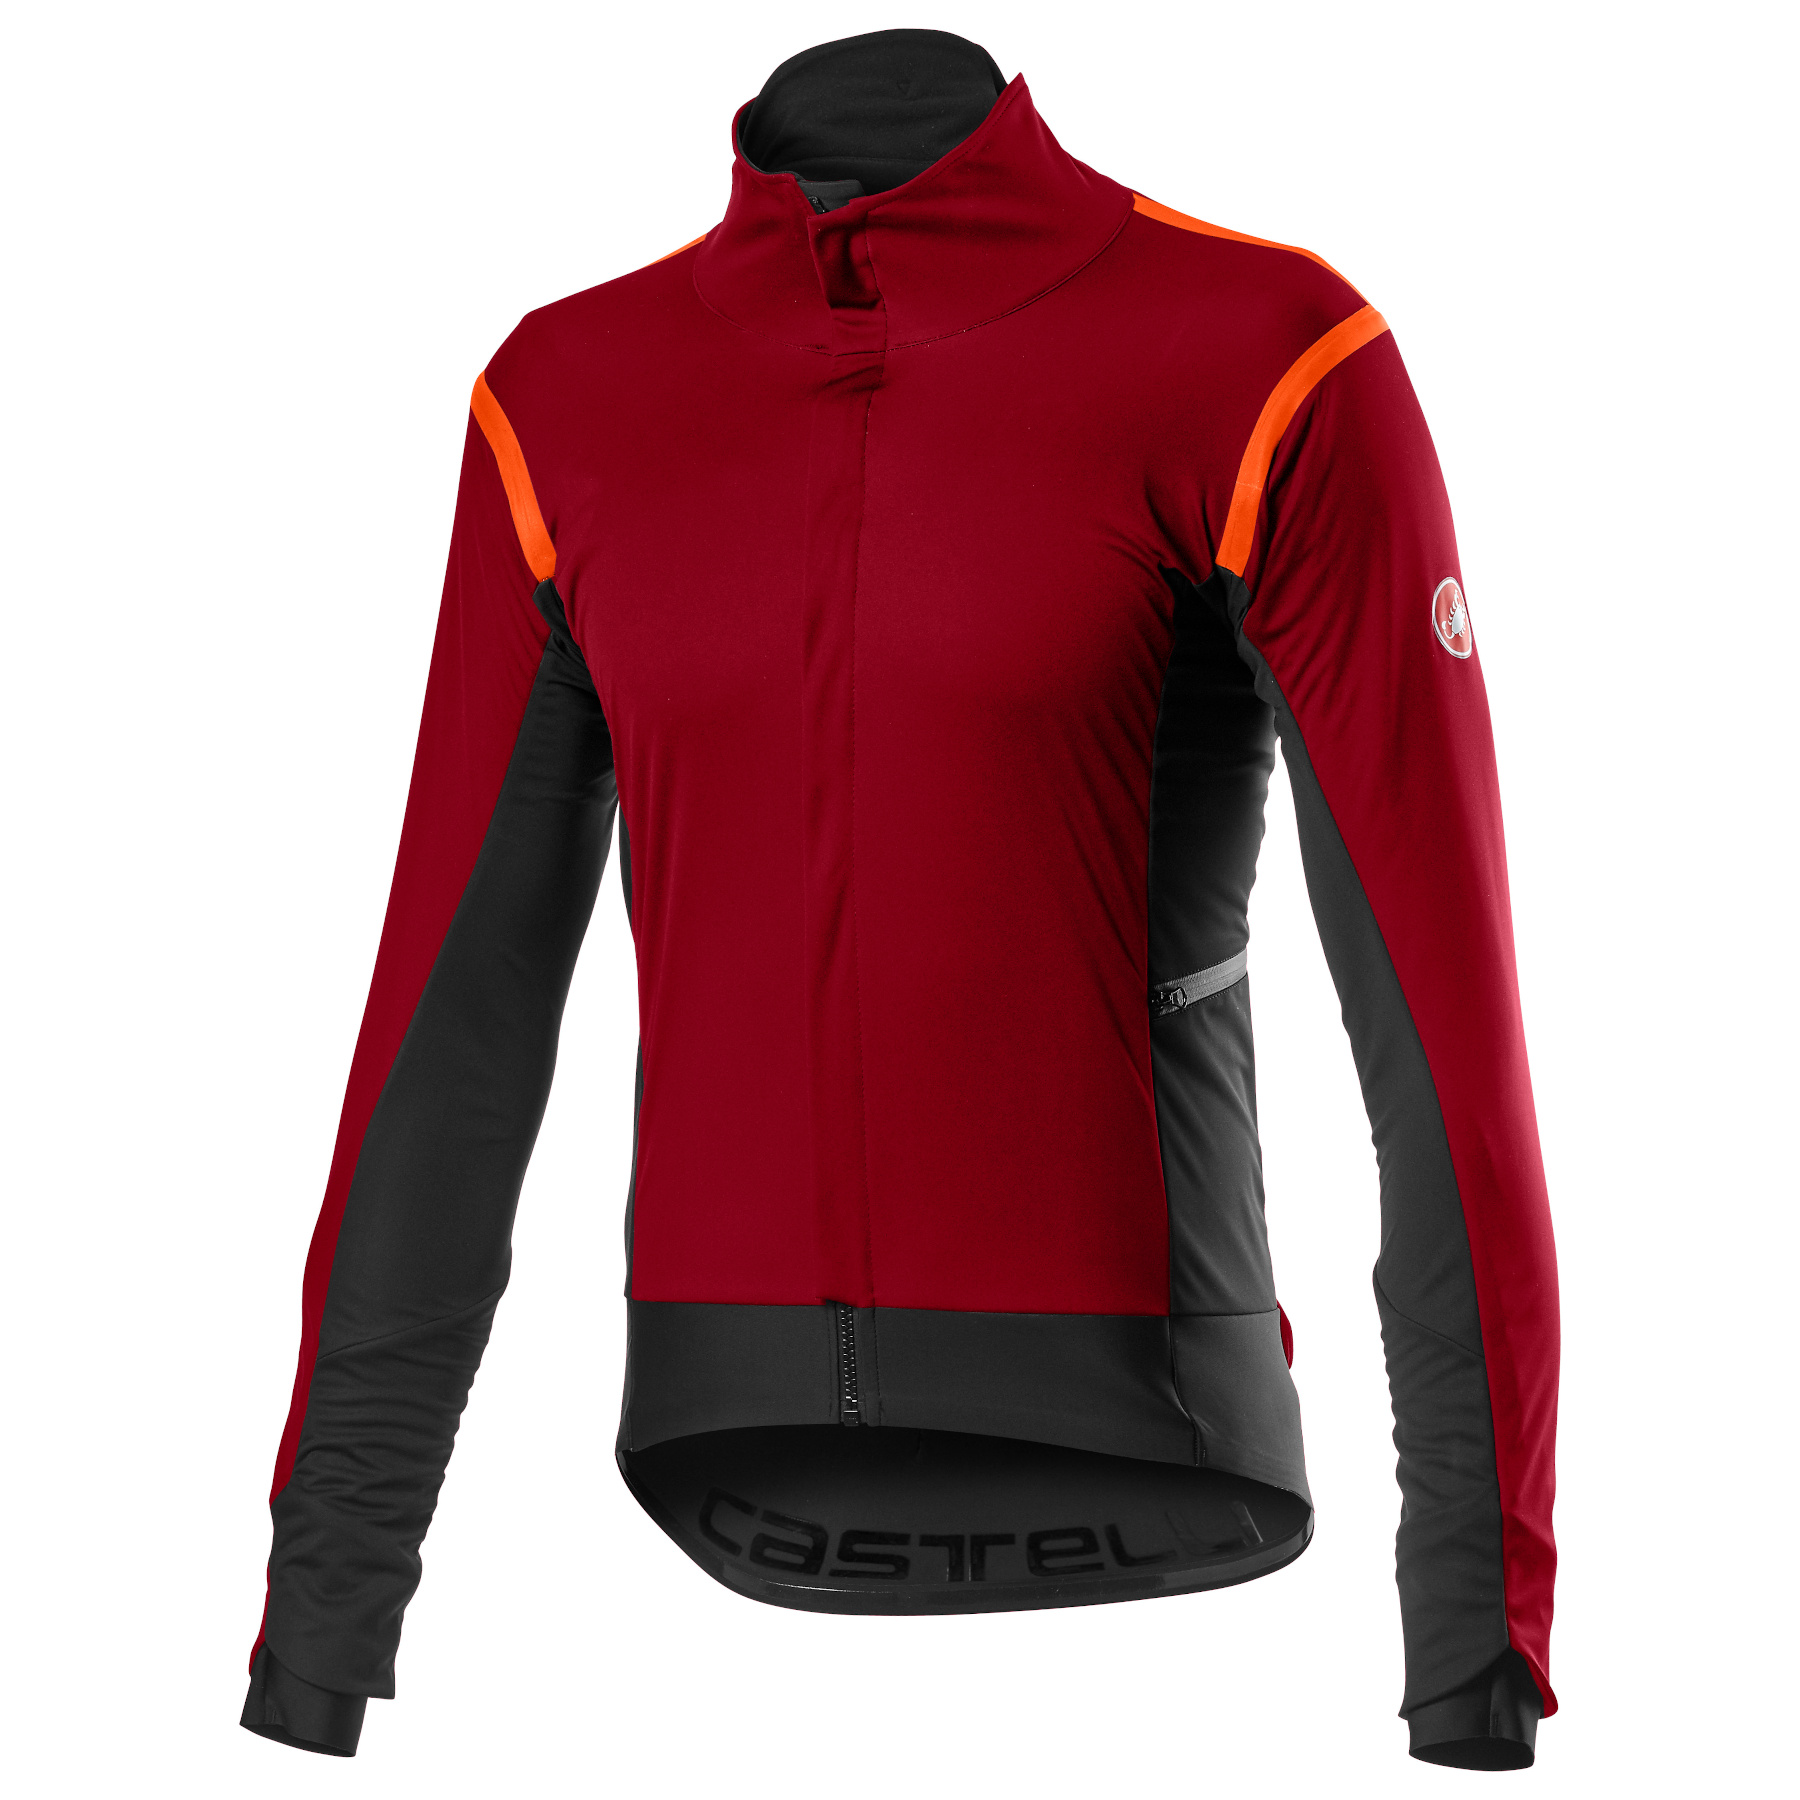 Produktbild von Castelli Alpha RoS 2 Jacke - pro red 622